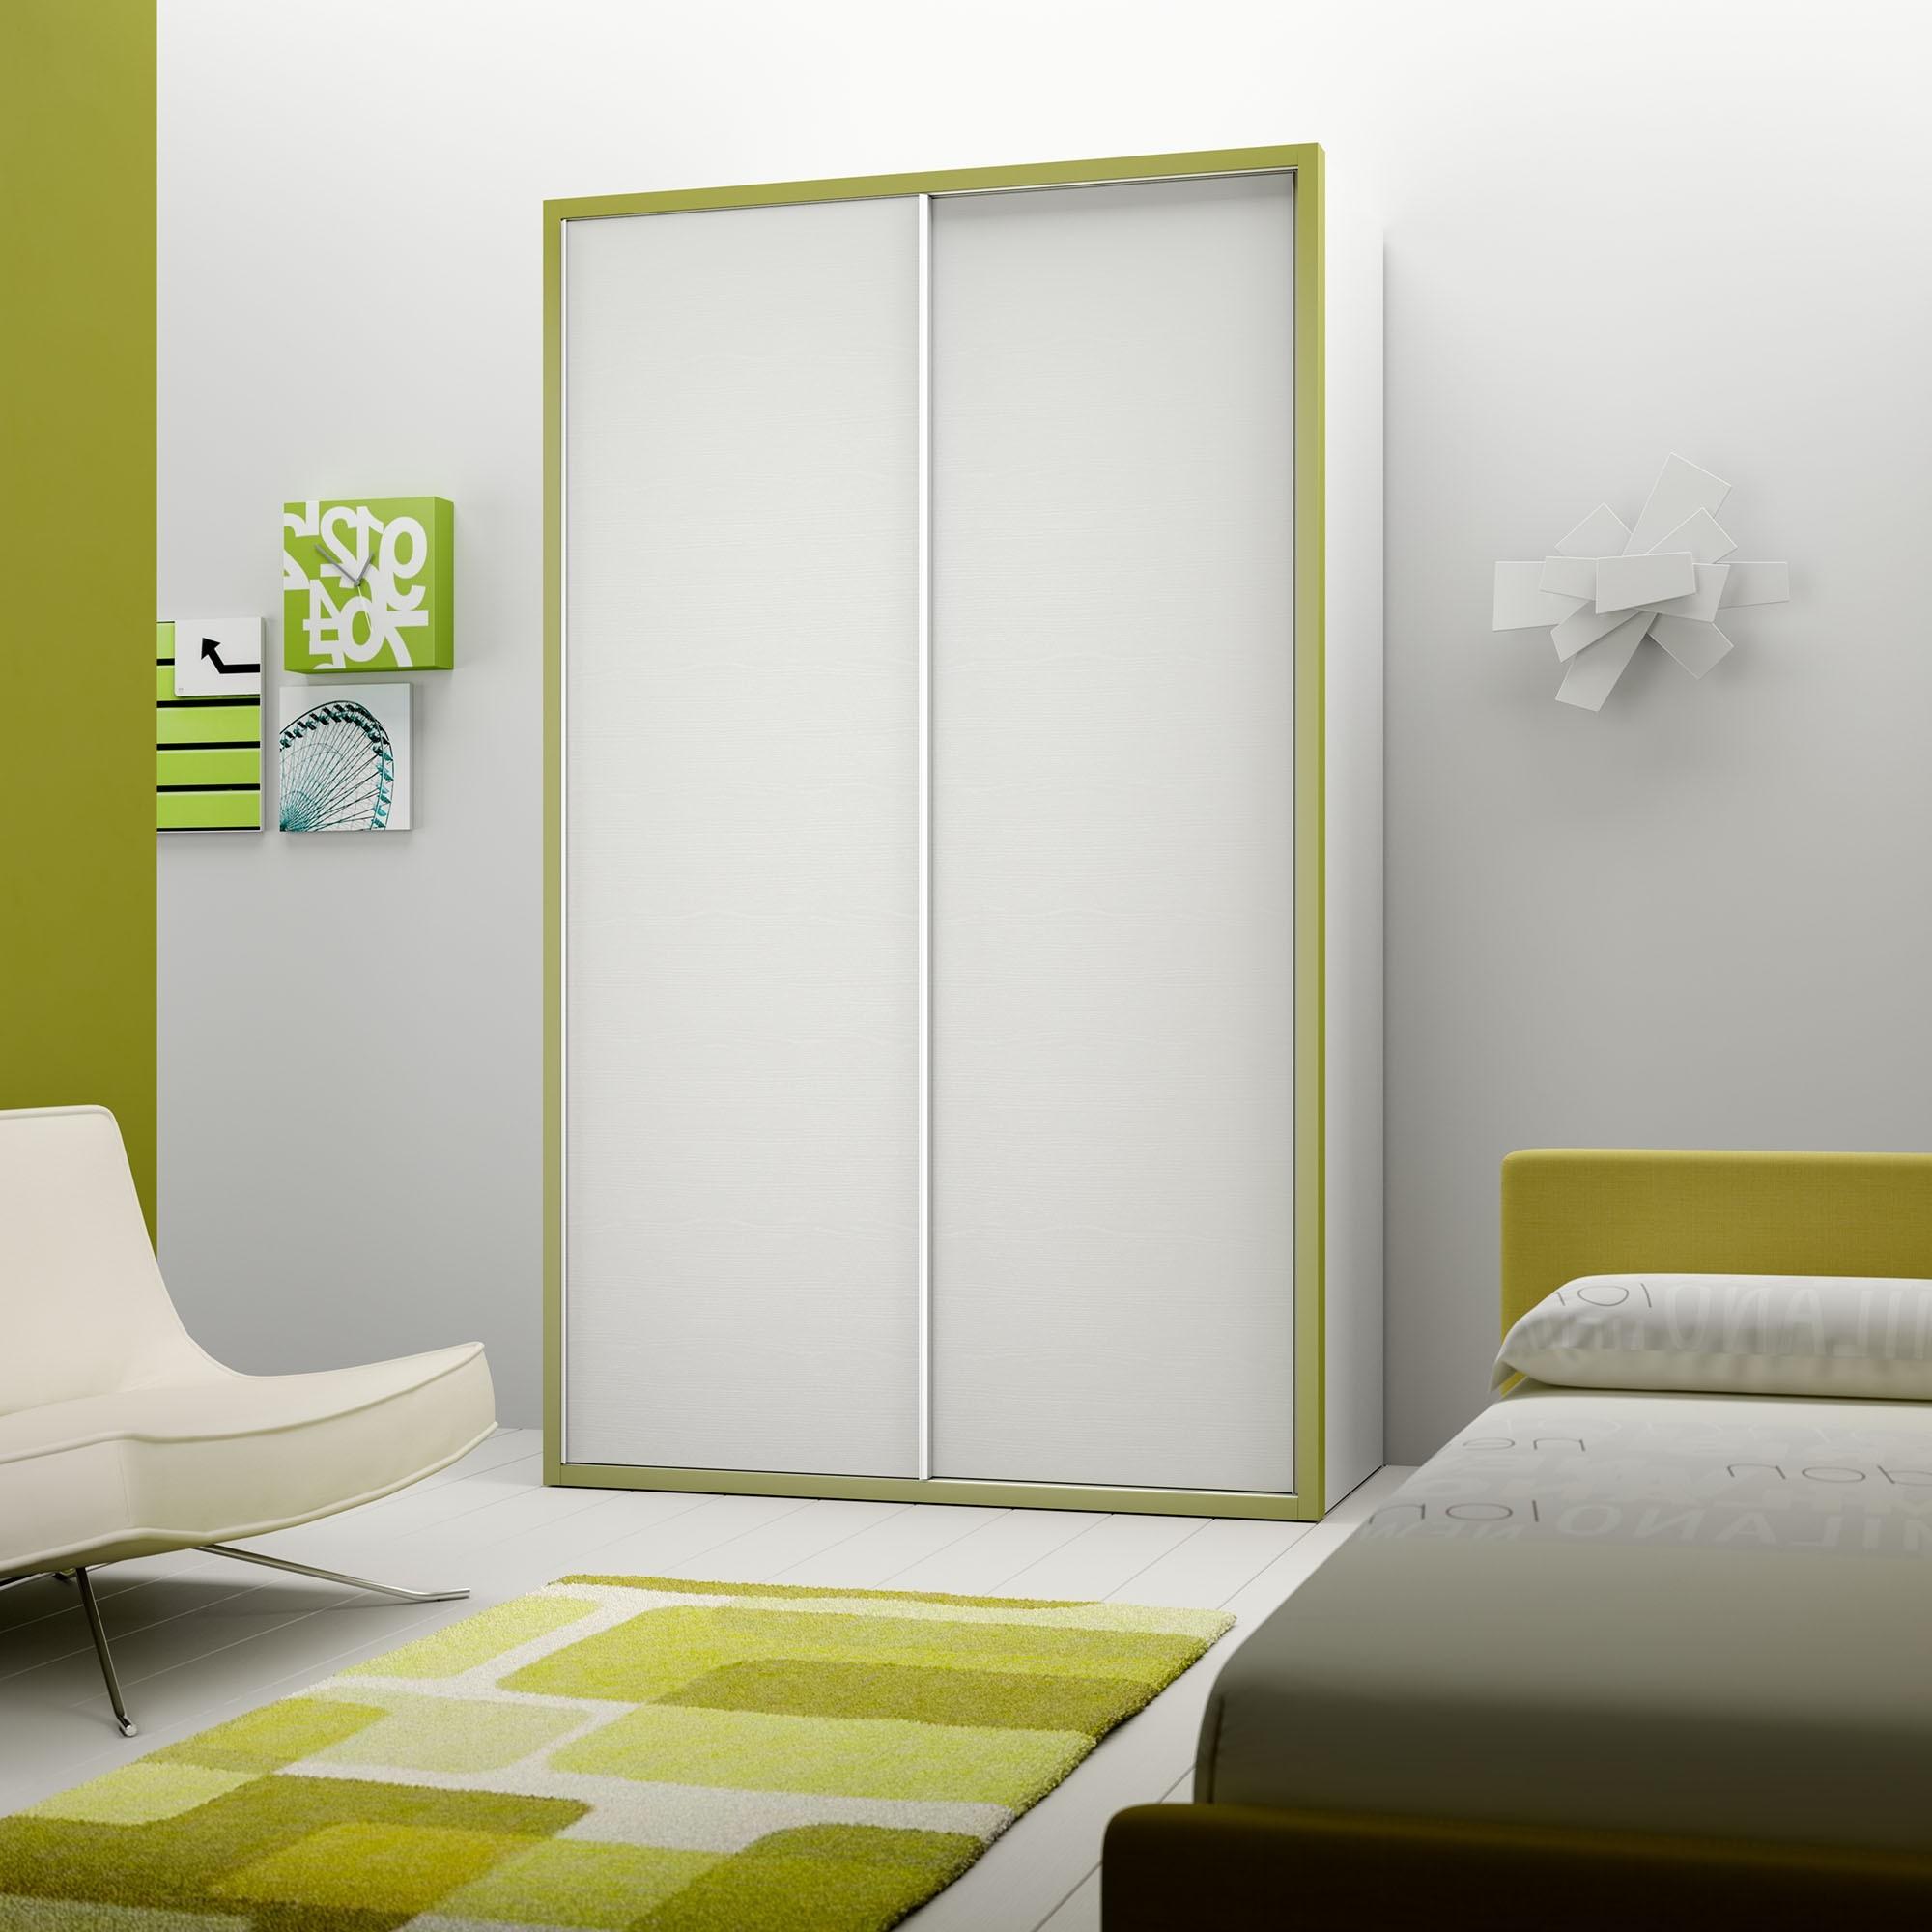 Armoire porte coulissante largeur 90 cm armoire id es for Largeur porte coulissante